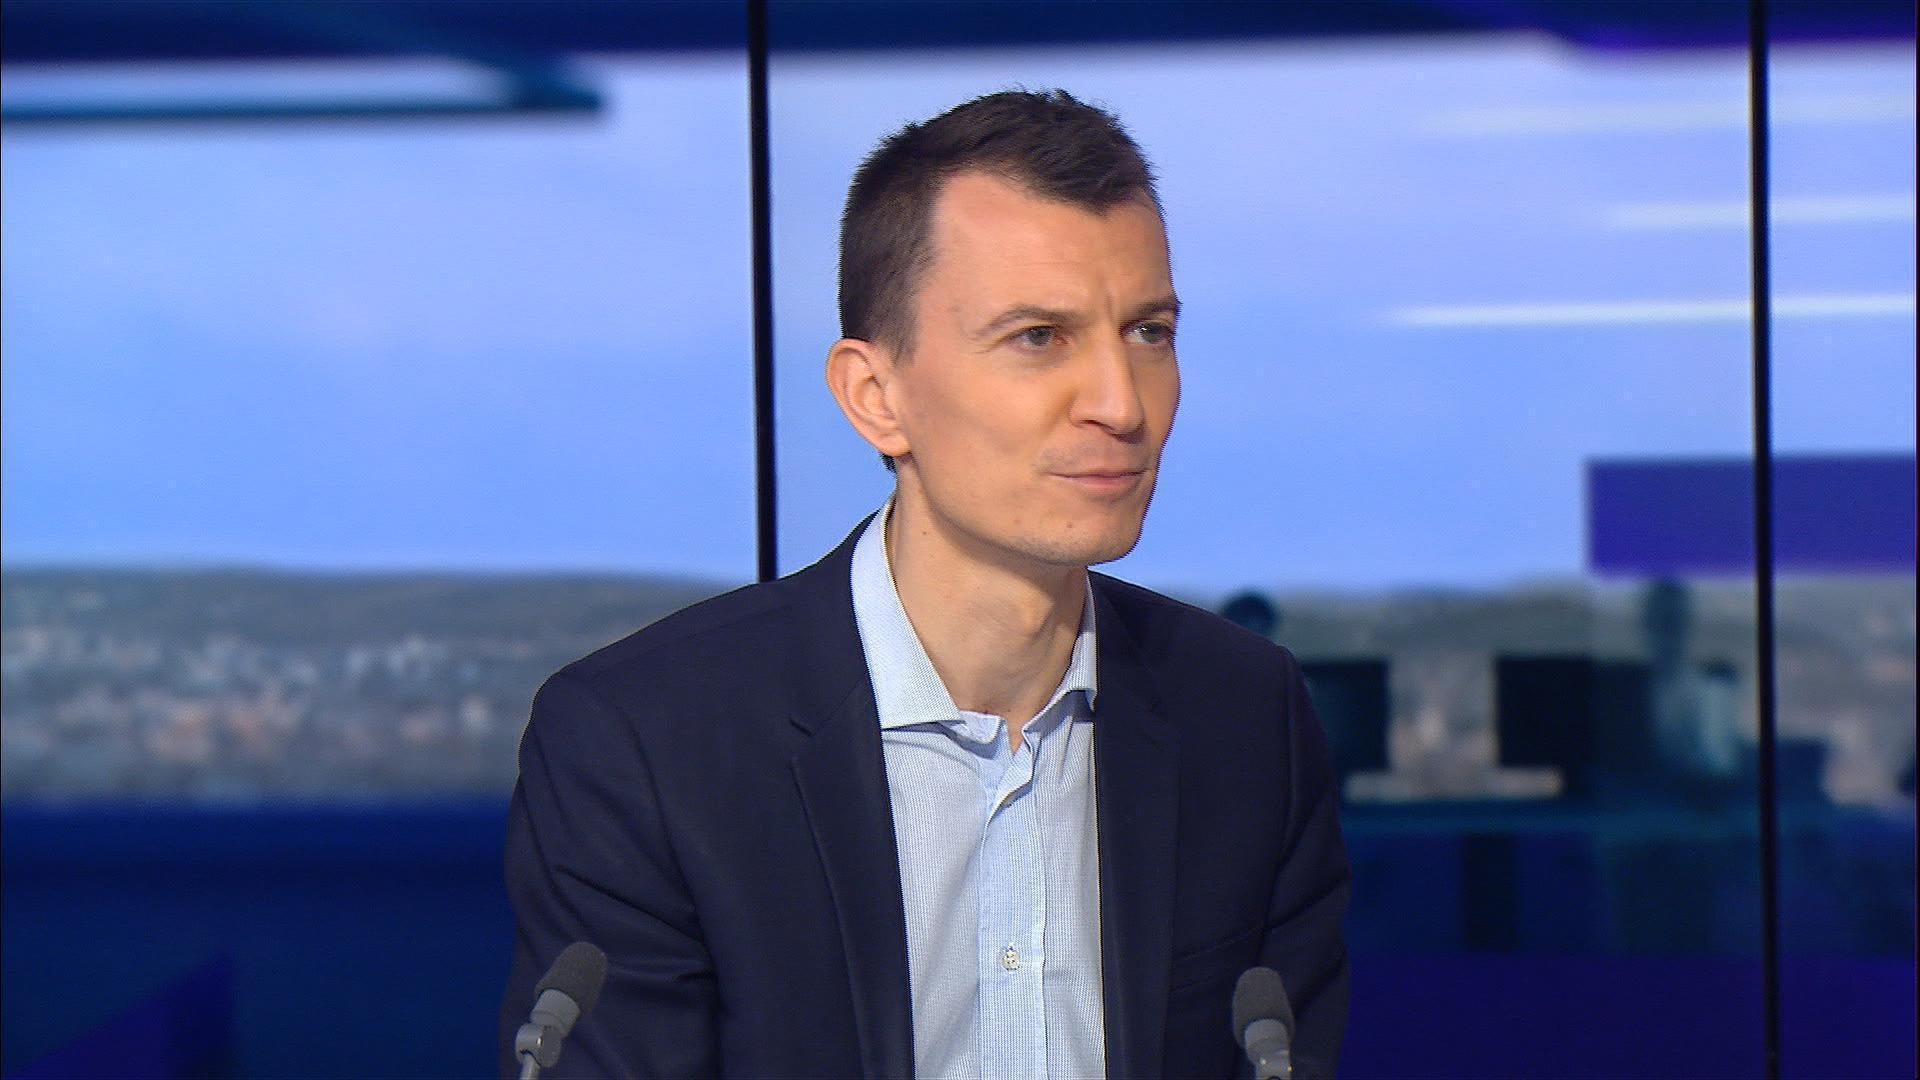 Sébastien Abis